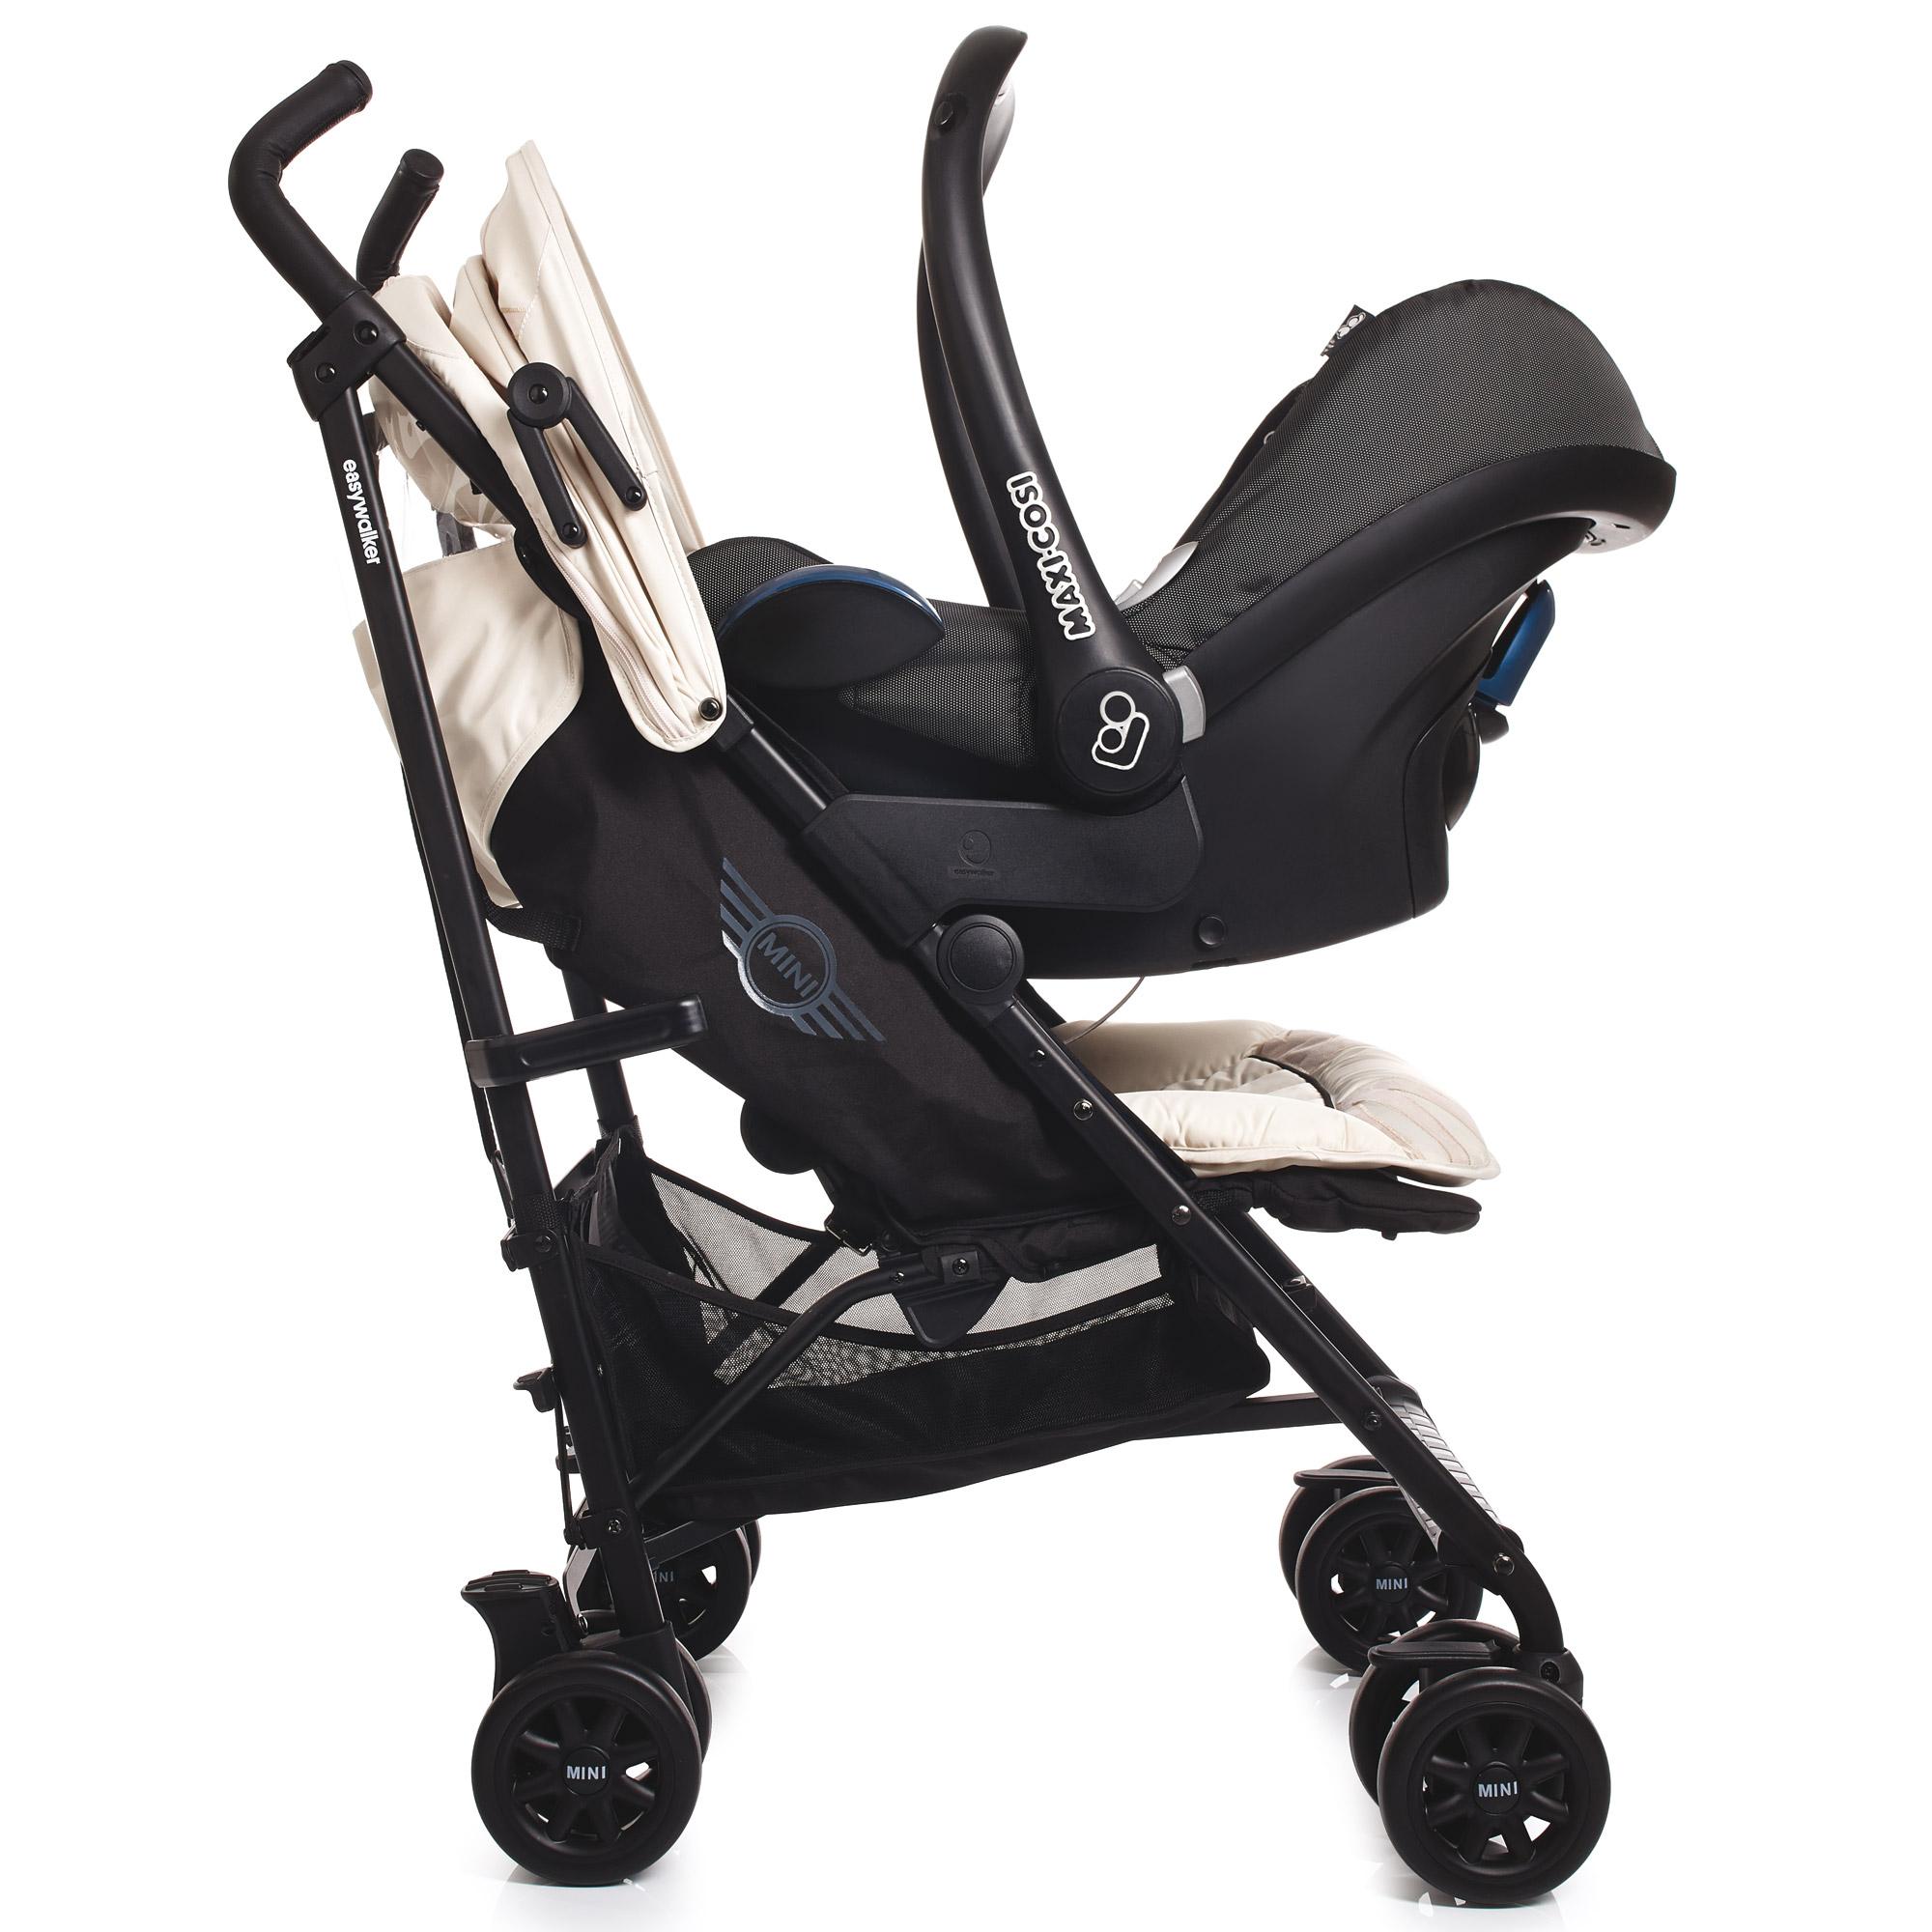 easywalker adaptateurs de si ges auto pour poussette mini buggy comparer avec. Black Bedroom Furniture Sets. Home Design Ideas